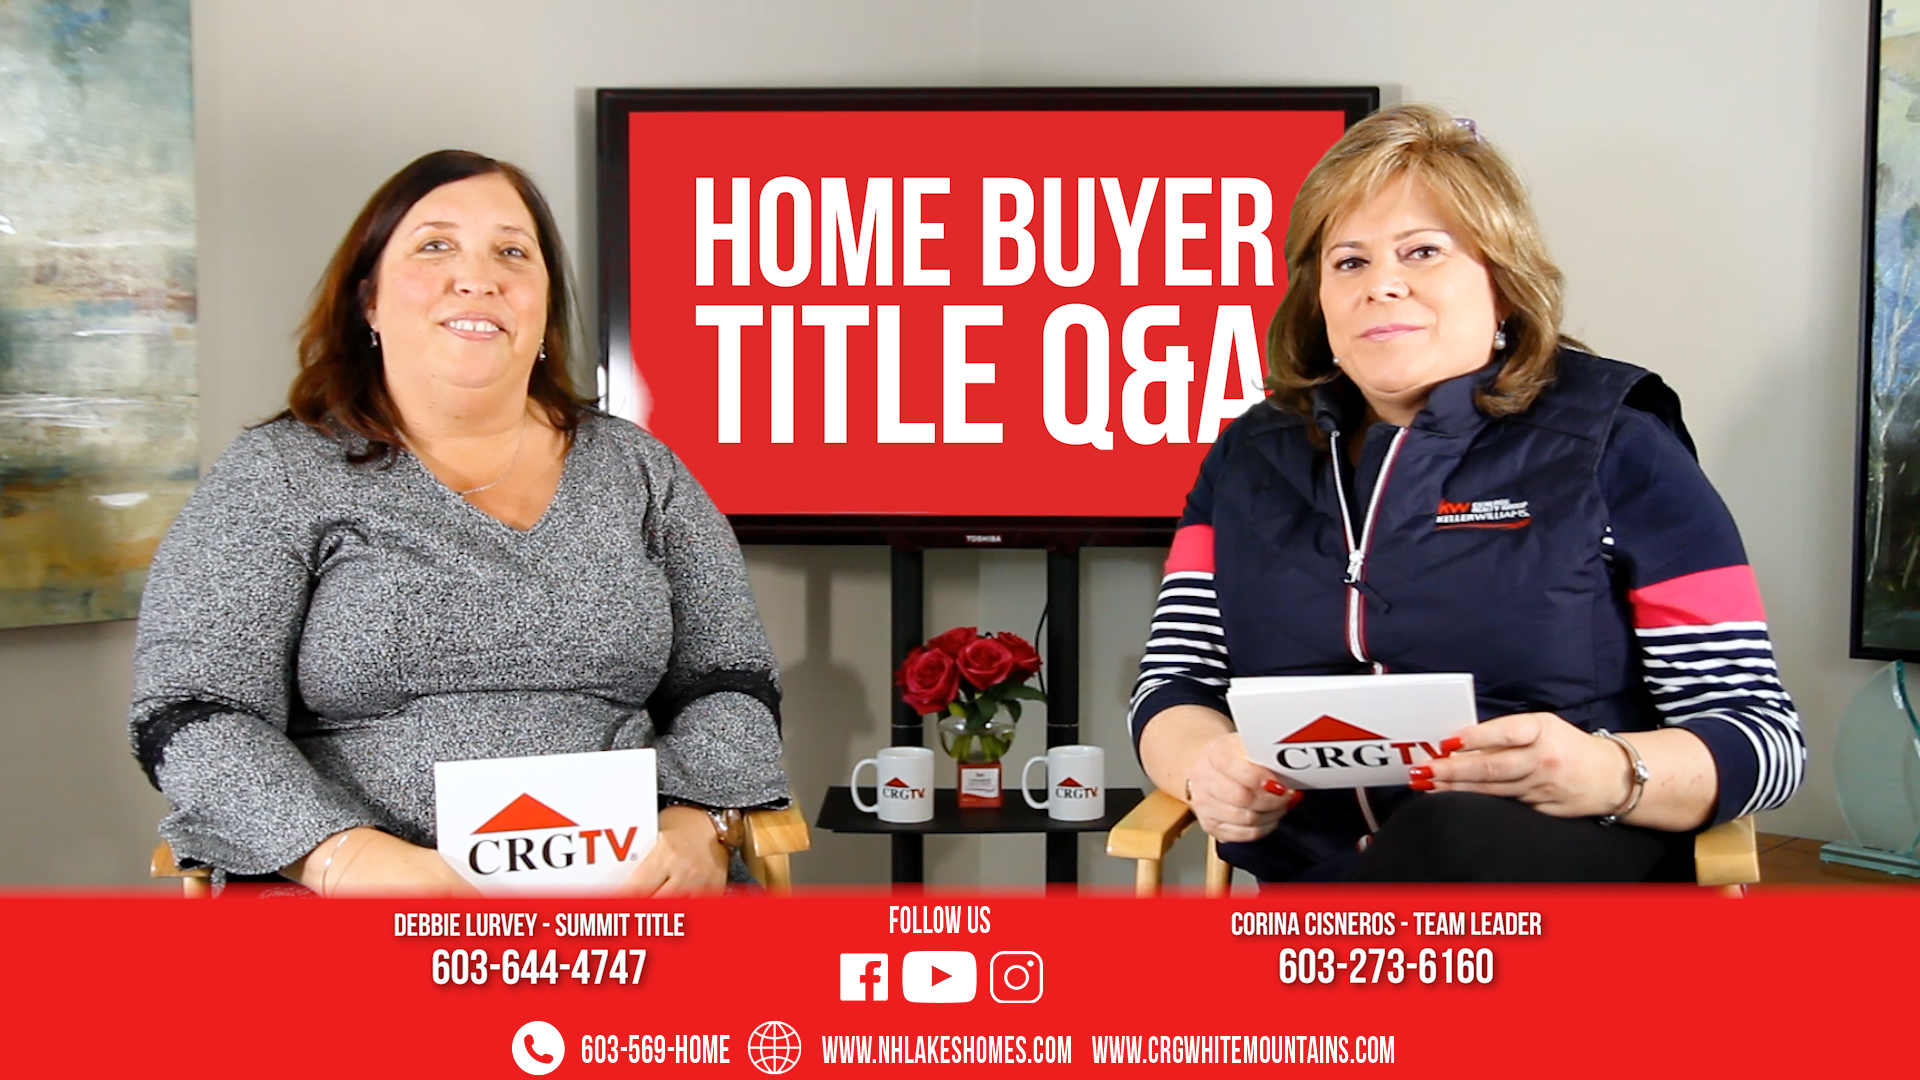 Home Buyer_Title Q&A_Thumbnail.jpg